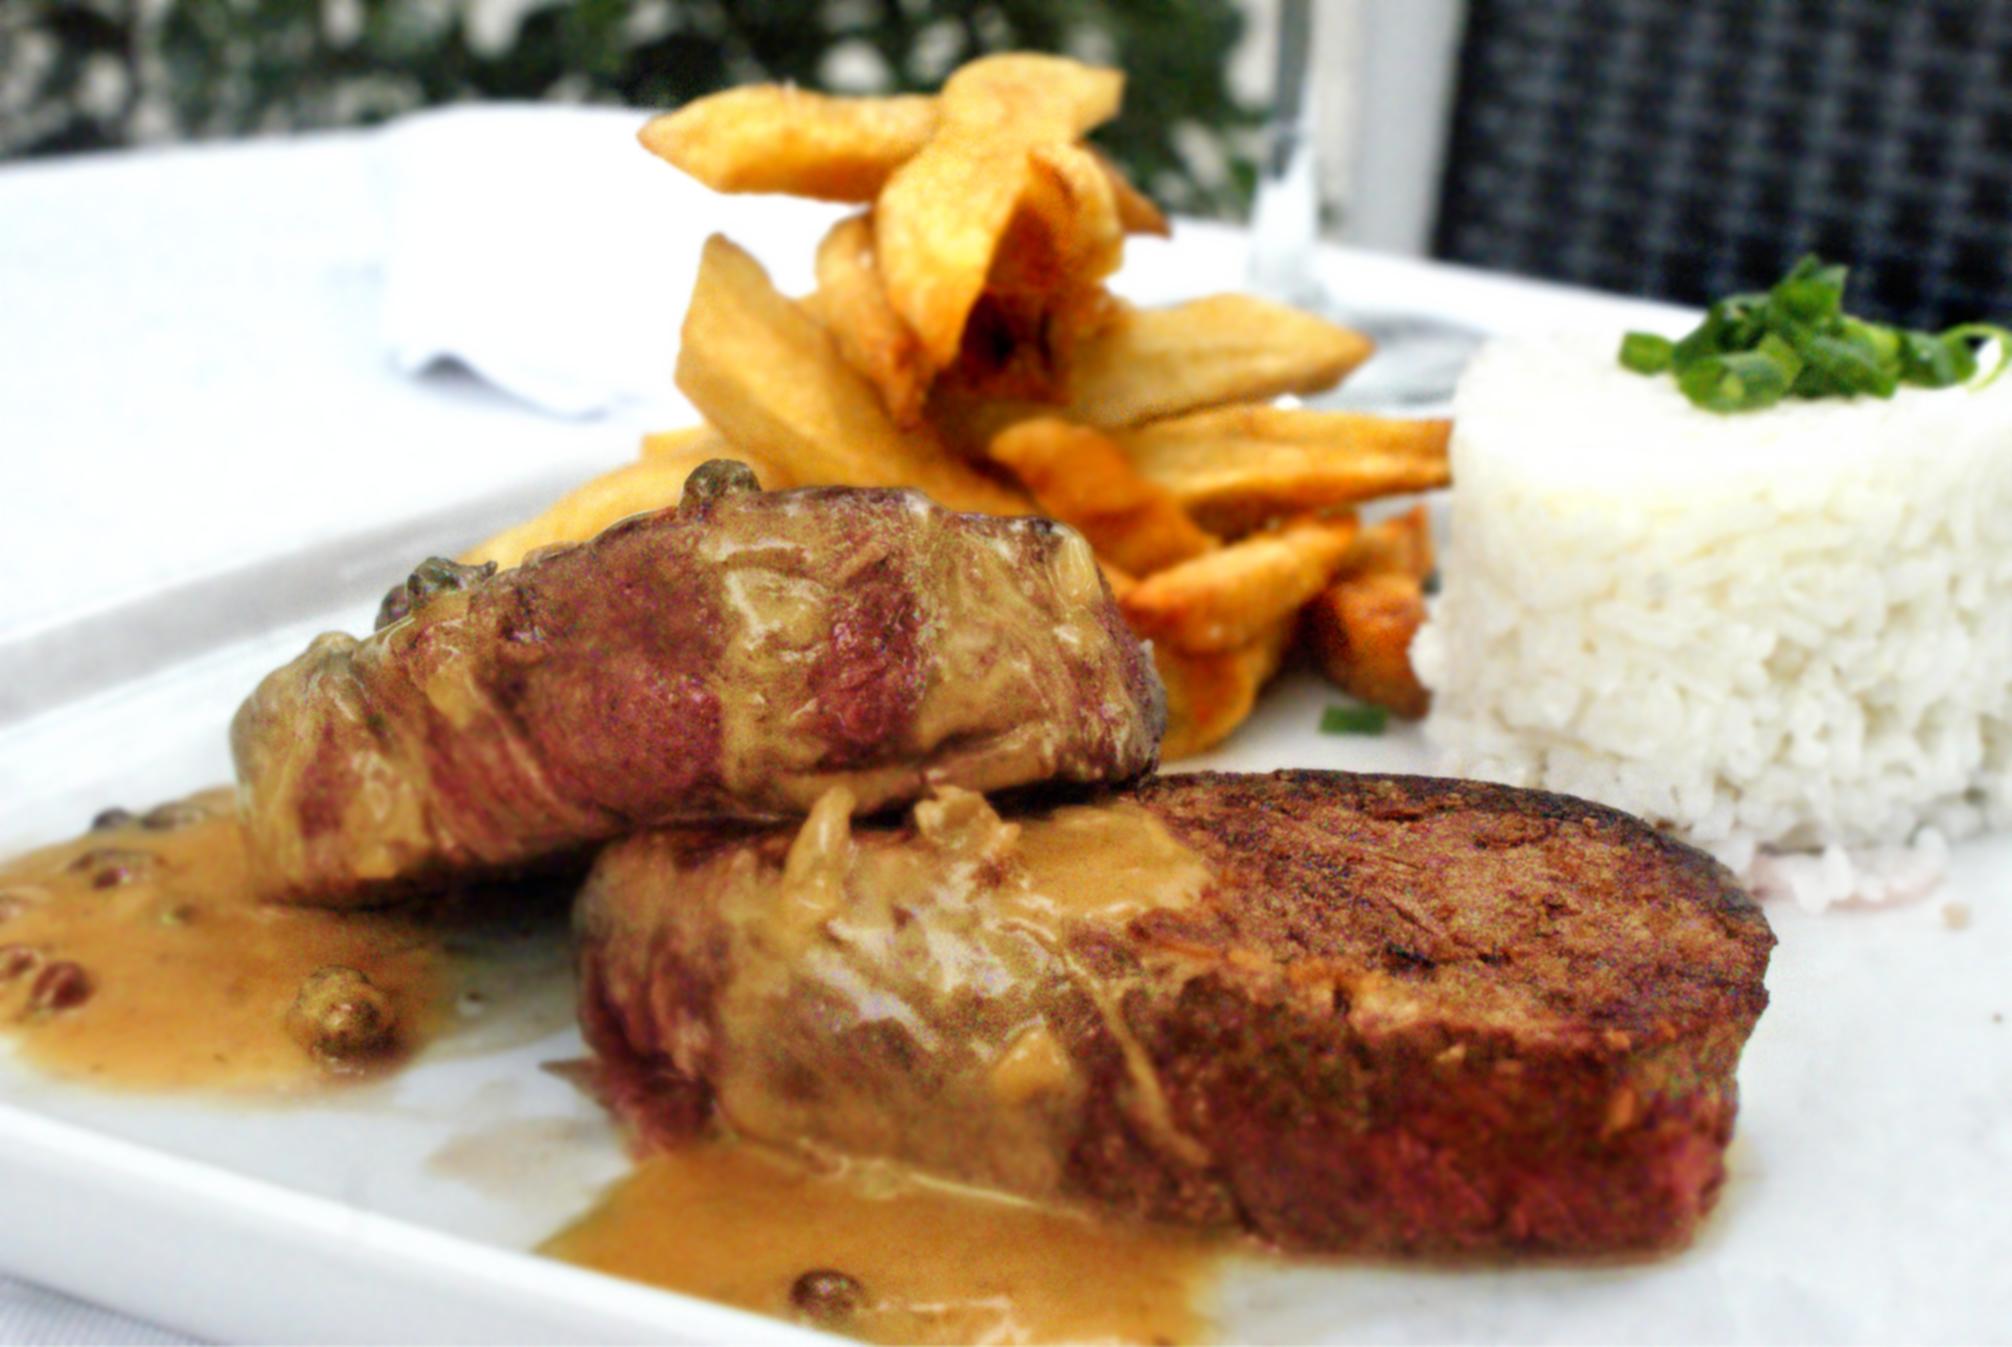 dica-viagem-blog-restaurante-rio-de-janeiro-leme-bistro-frances-la-fabrique